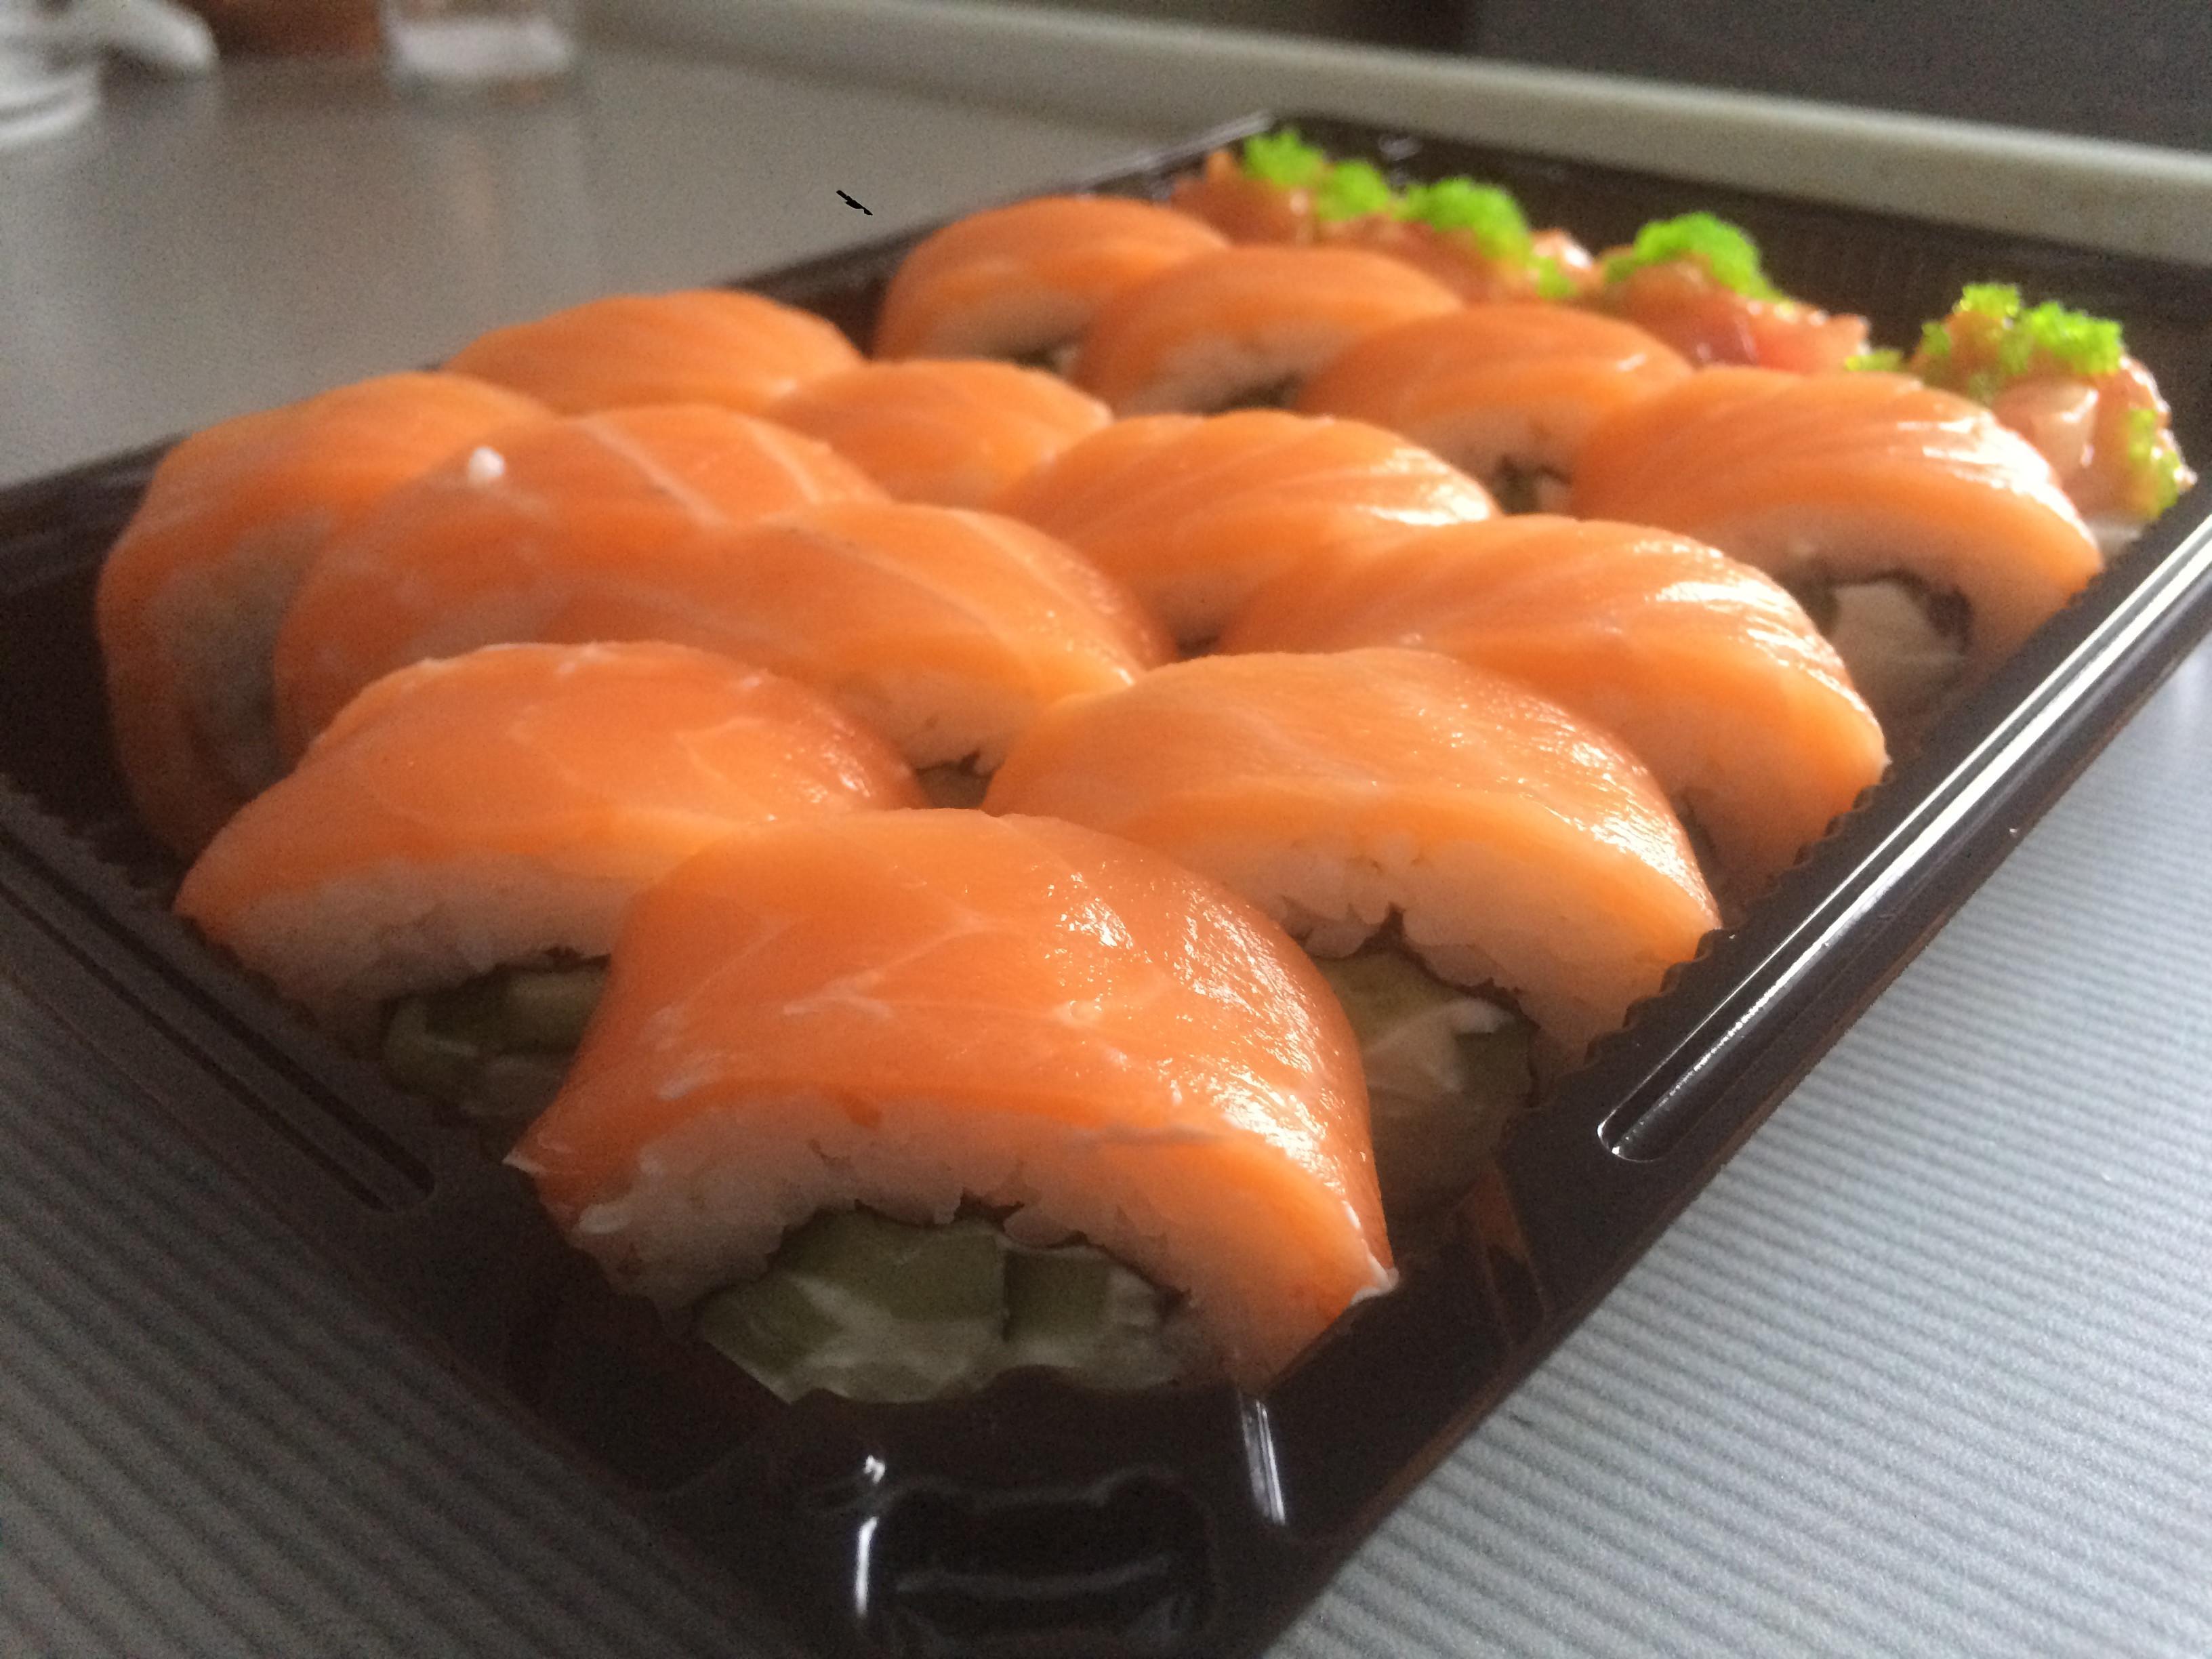 окна выгодные фото суши из магазина брать